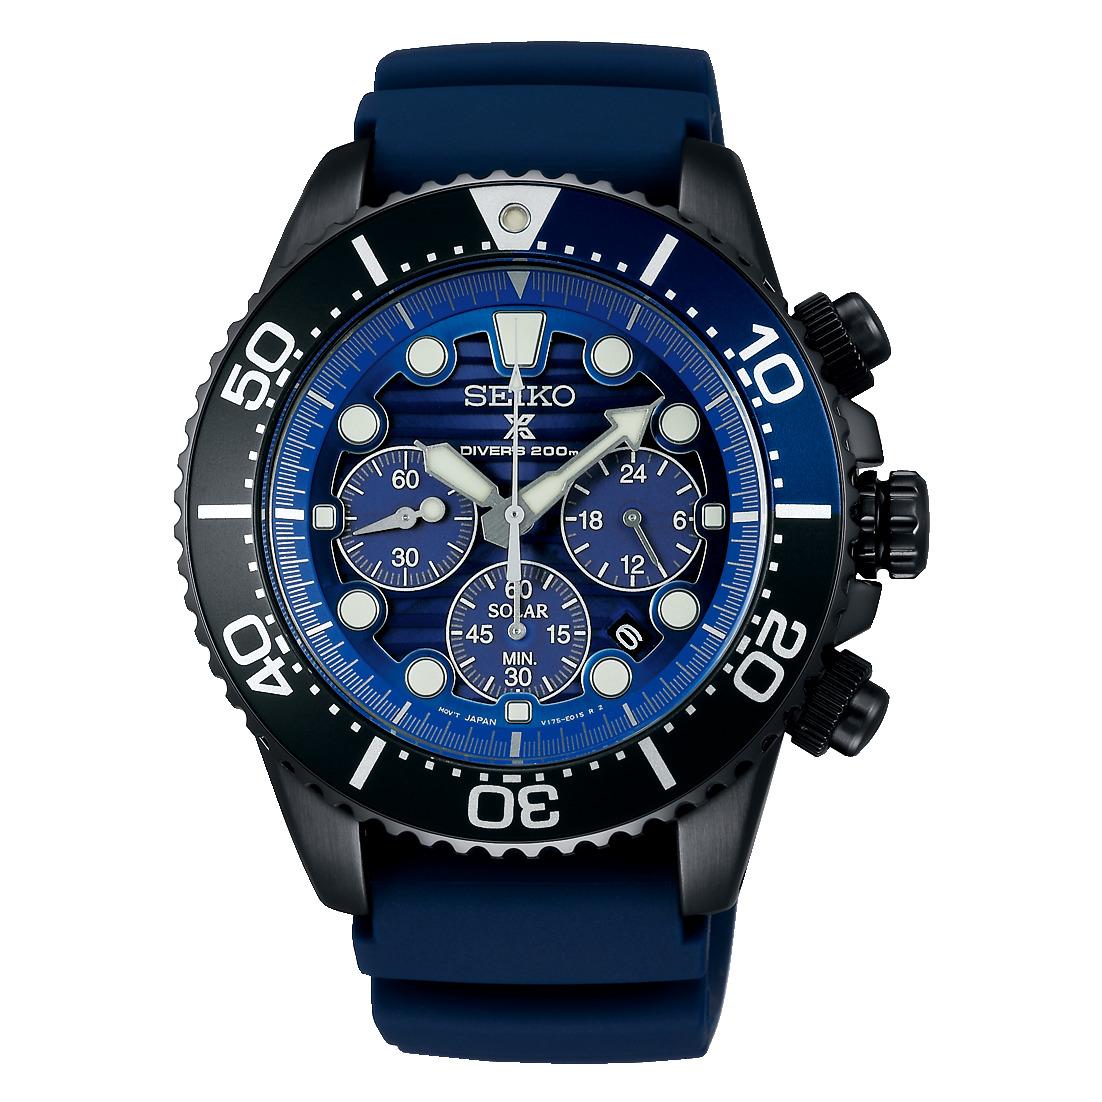 正規品 SEIKO PROSPEX セイコー プロスペックス SBDL057 セーブ・ジ・オーシャン スペシャルエディション 腕時計